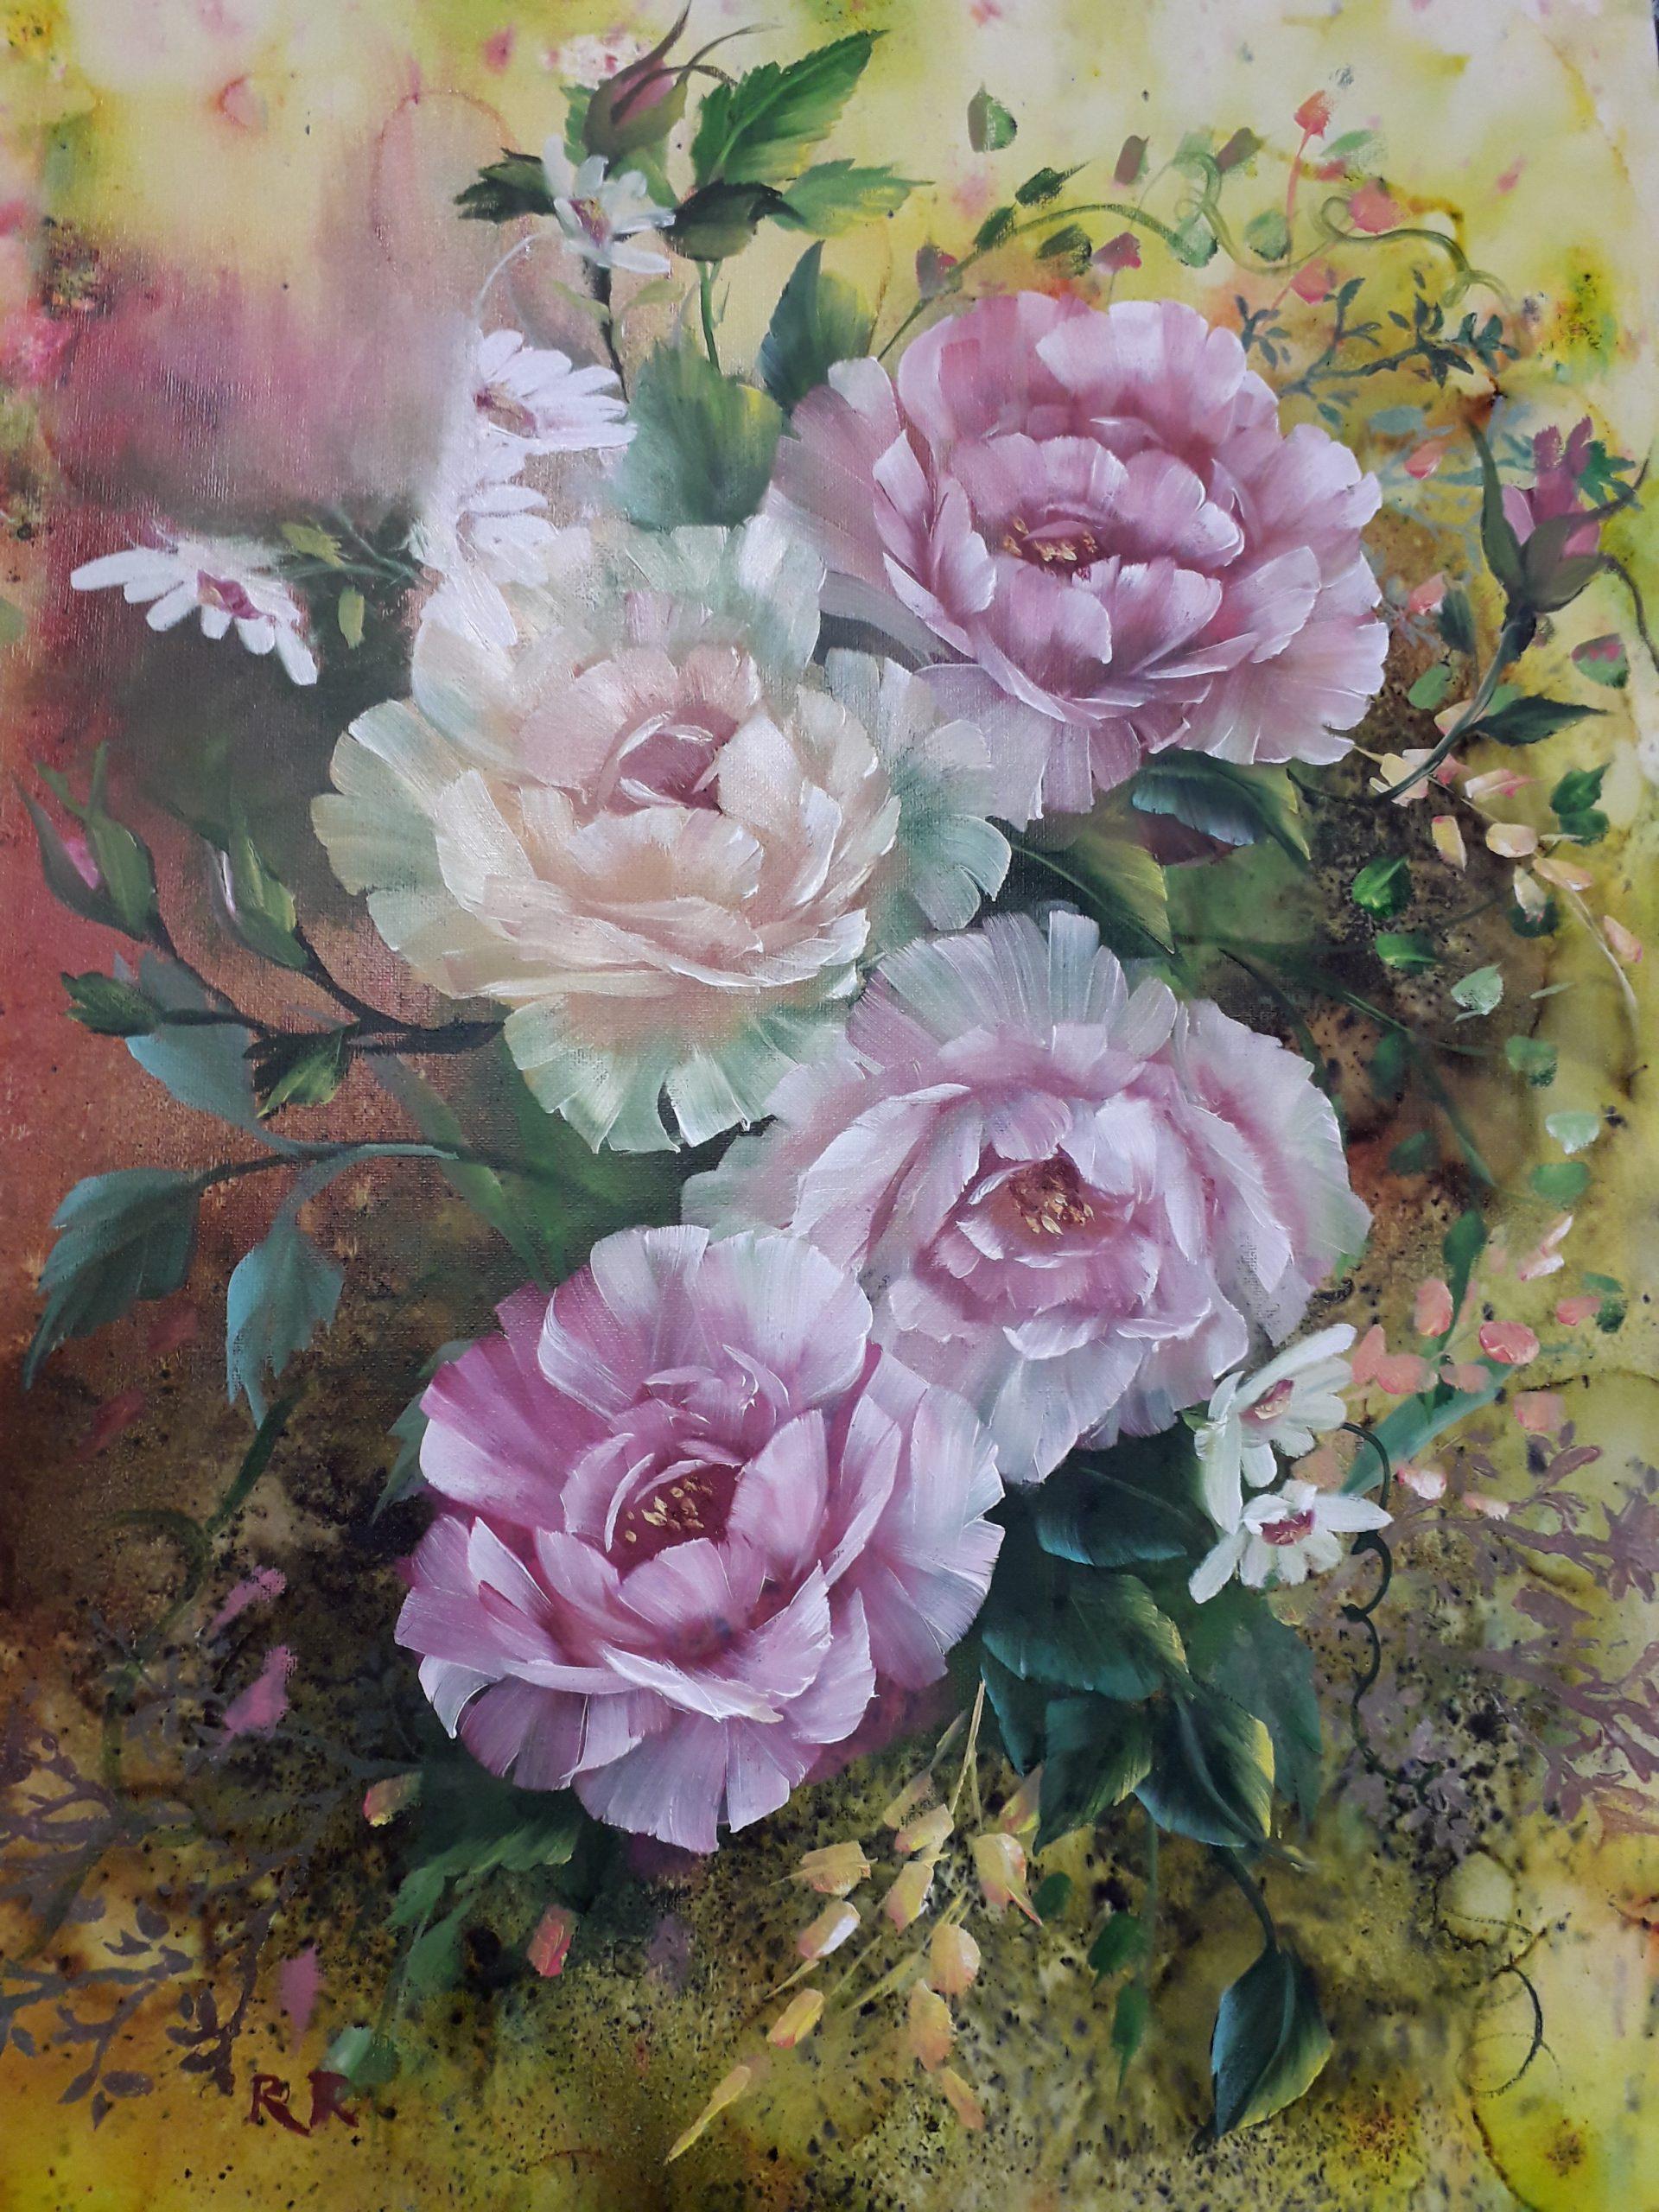 Antique Roses (Brusho, Acrylic & Oils)